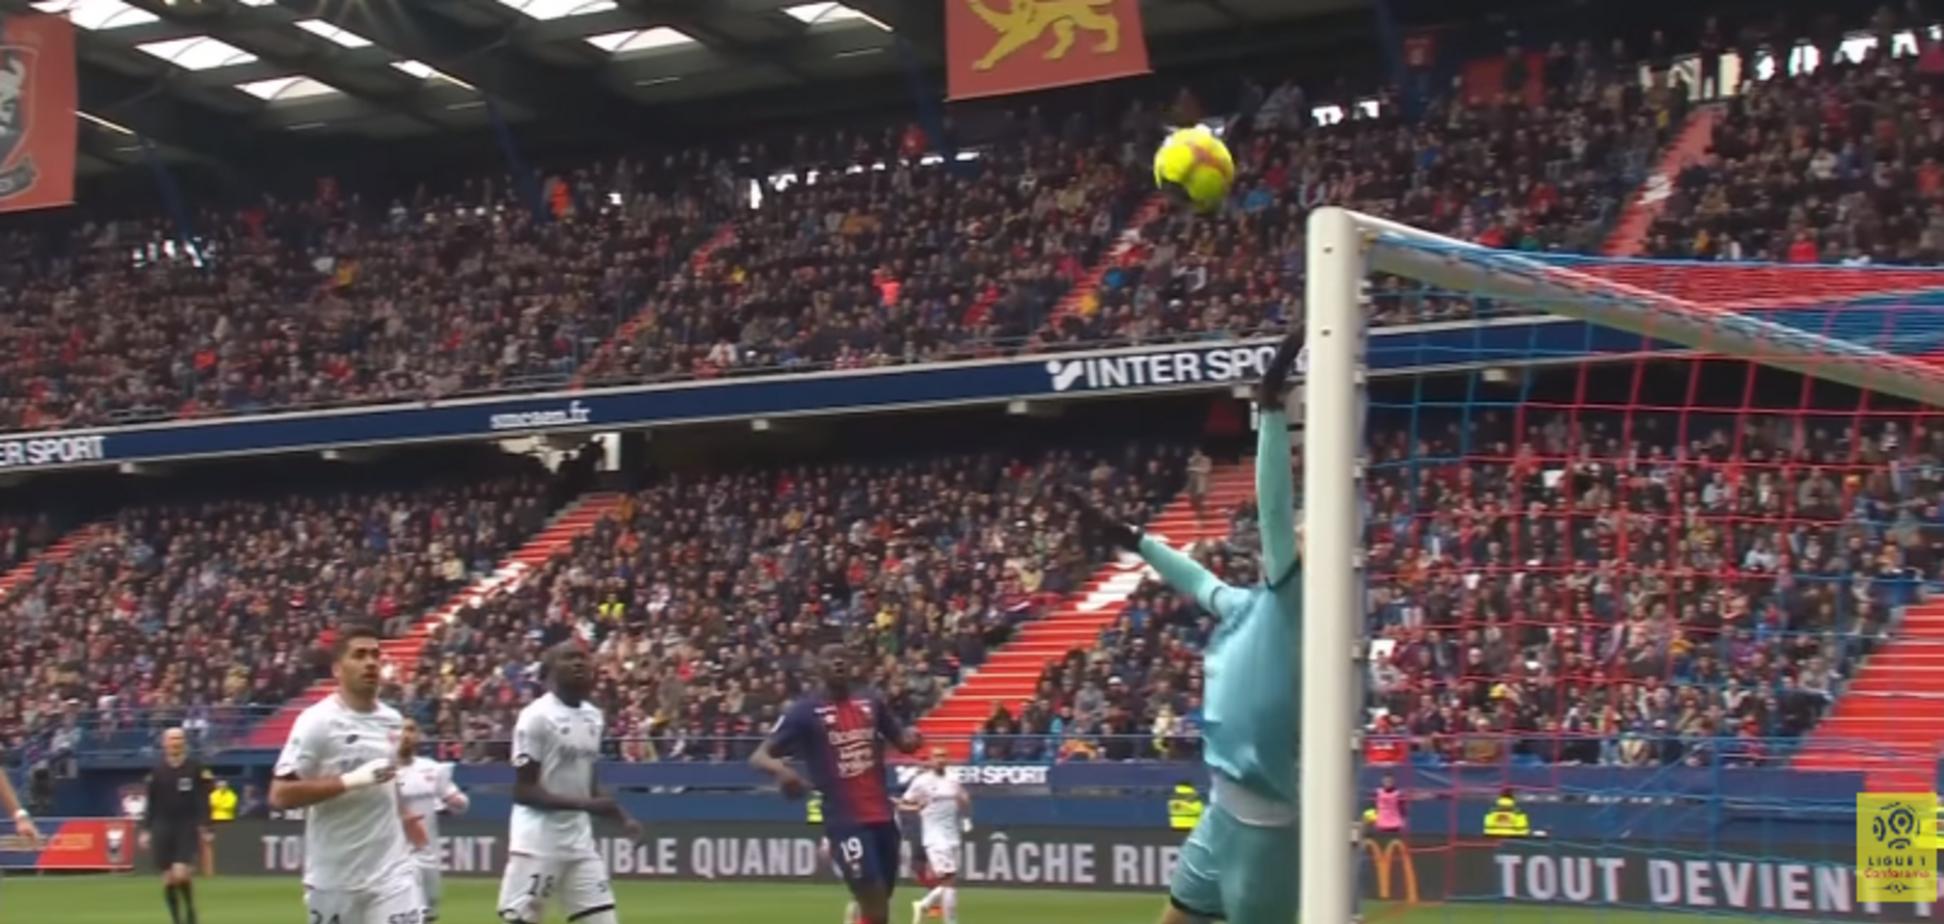 Футболист забил гол фантастическим ударом 'за шиворот'